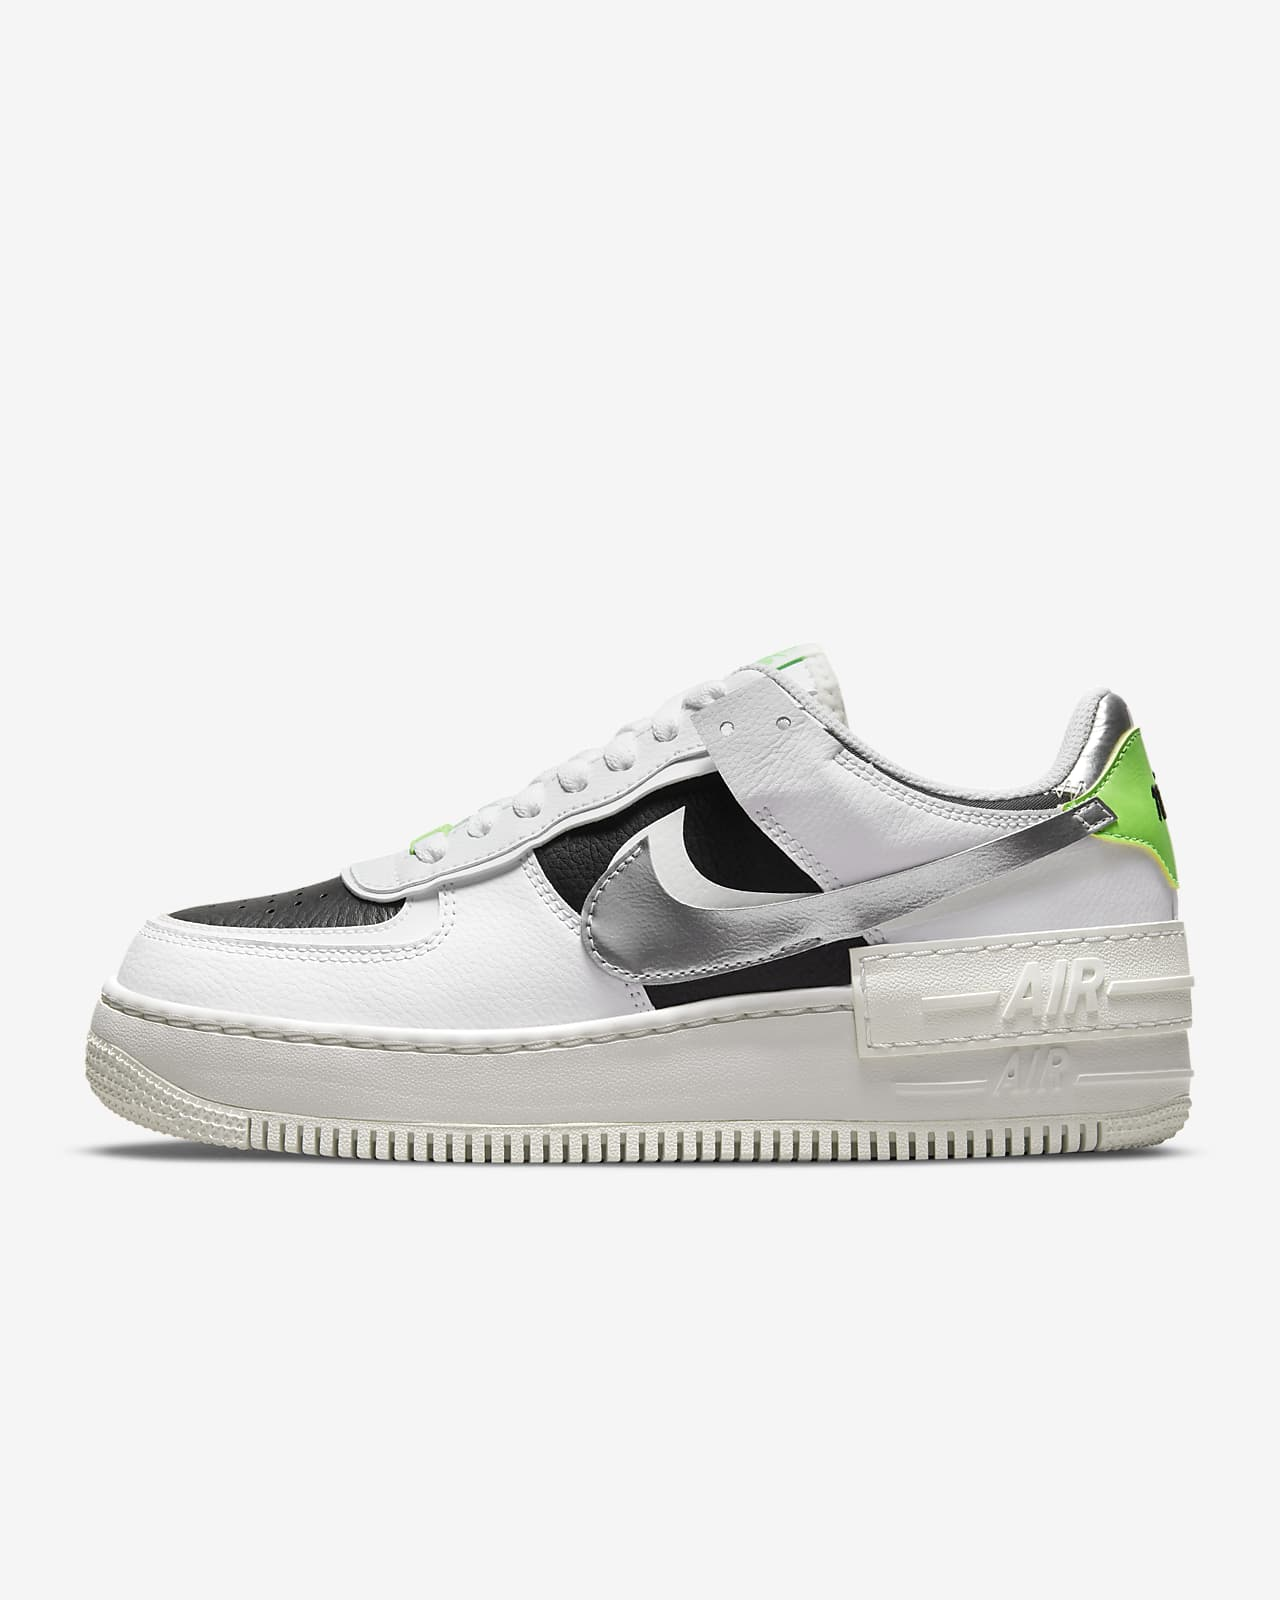 Nike Air Force 1 Shadow Damenschuhe